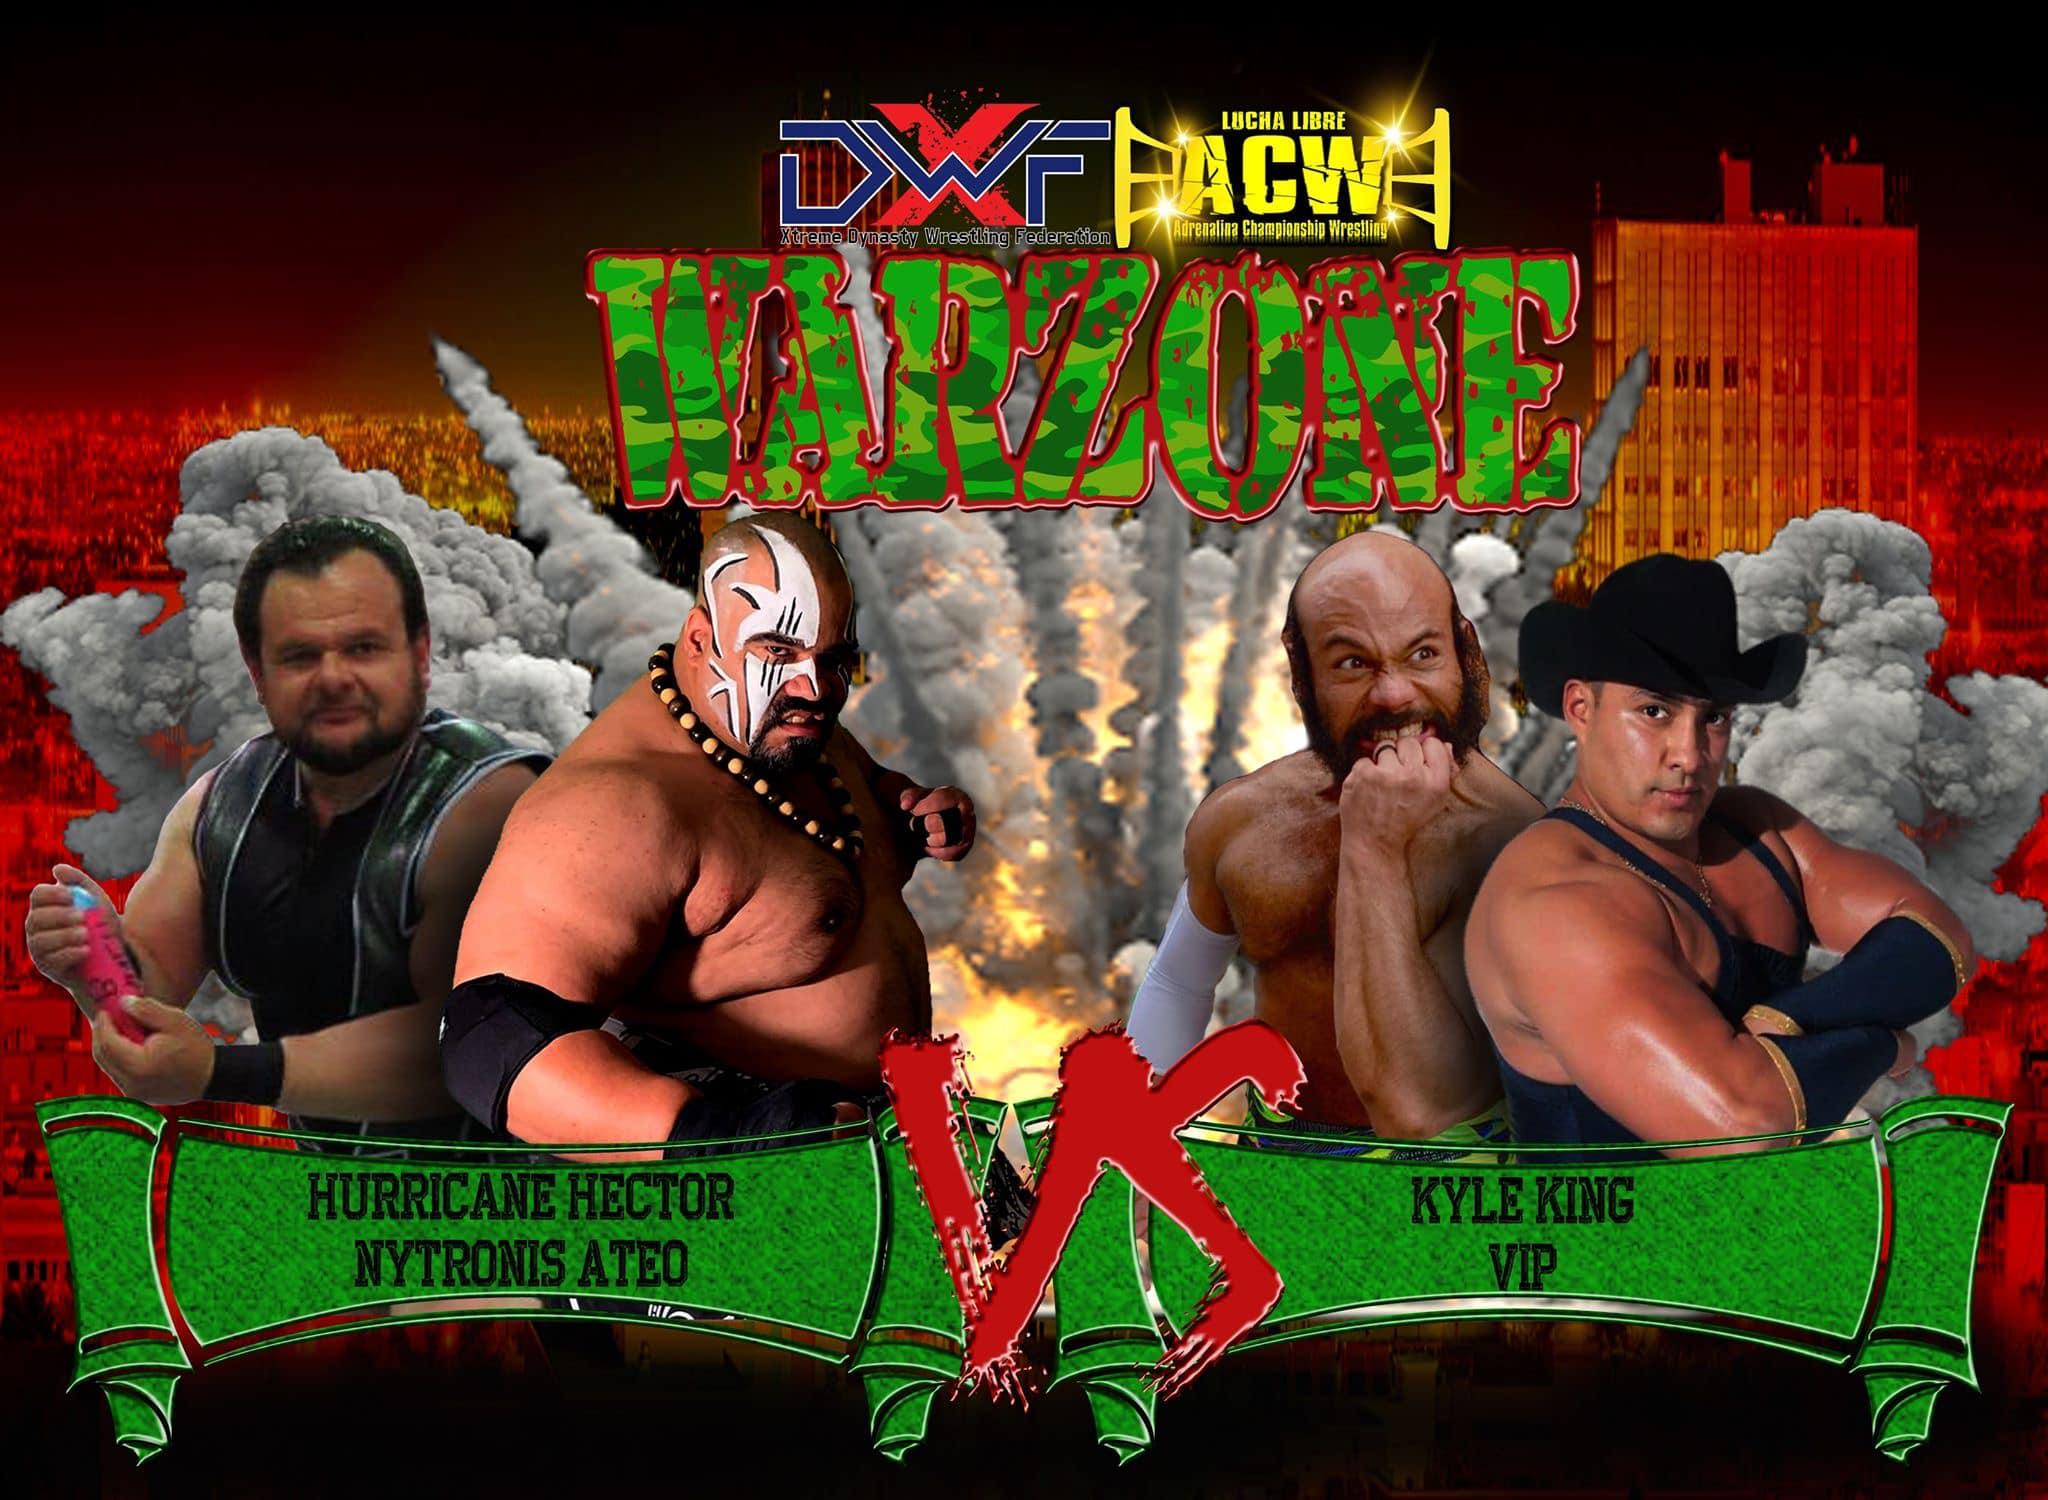 XDWF: La empresa presenta Warzone en El Paso, Texas 81